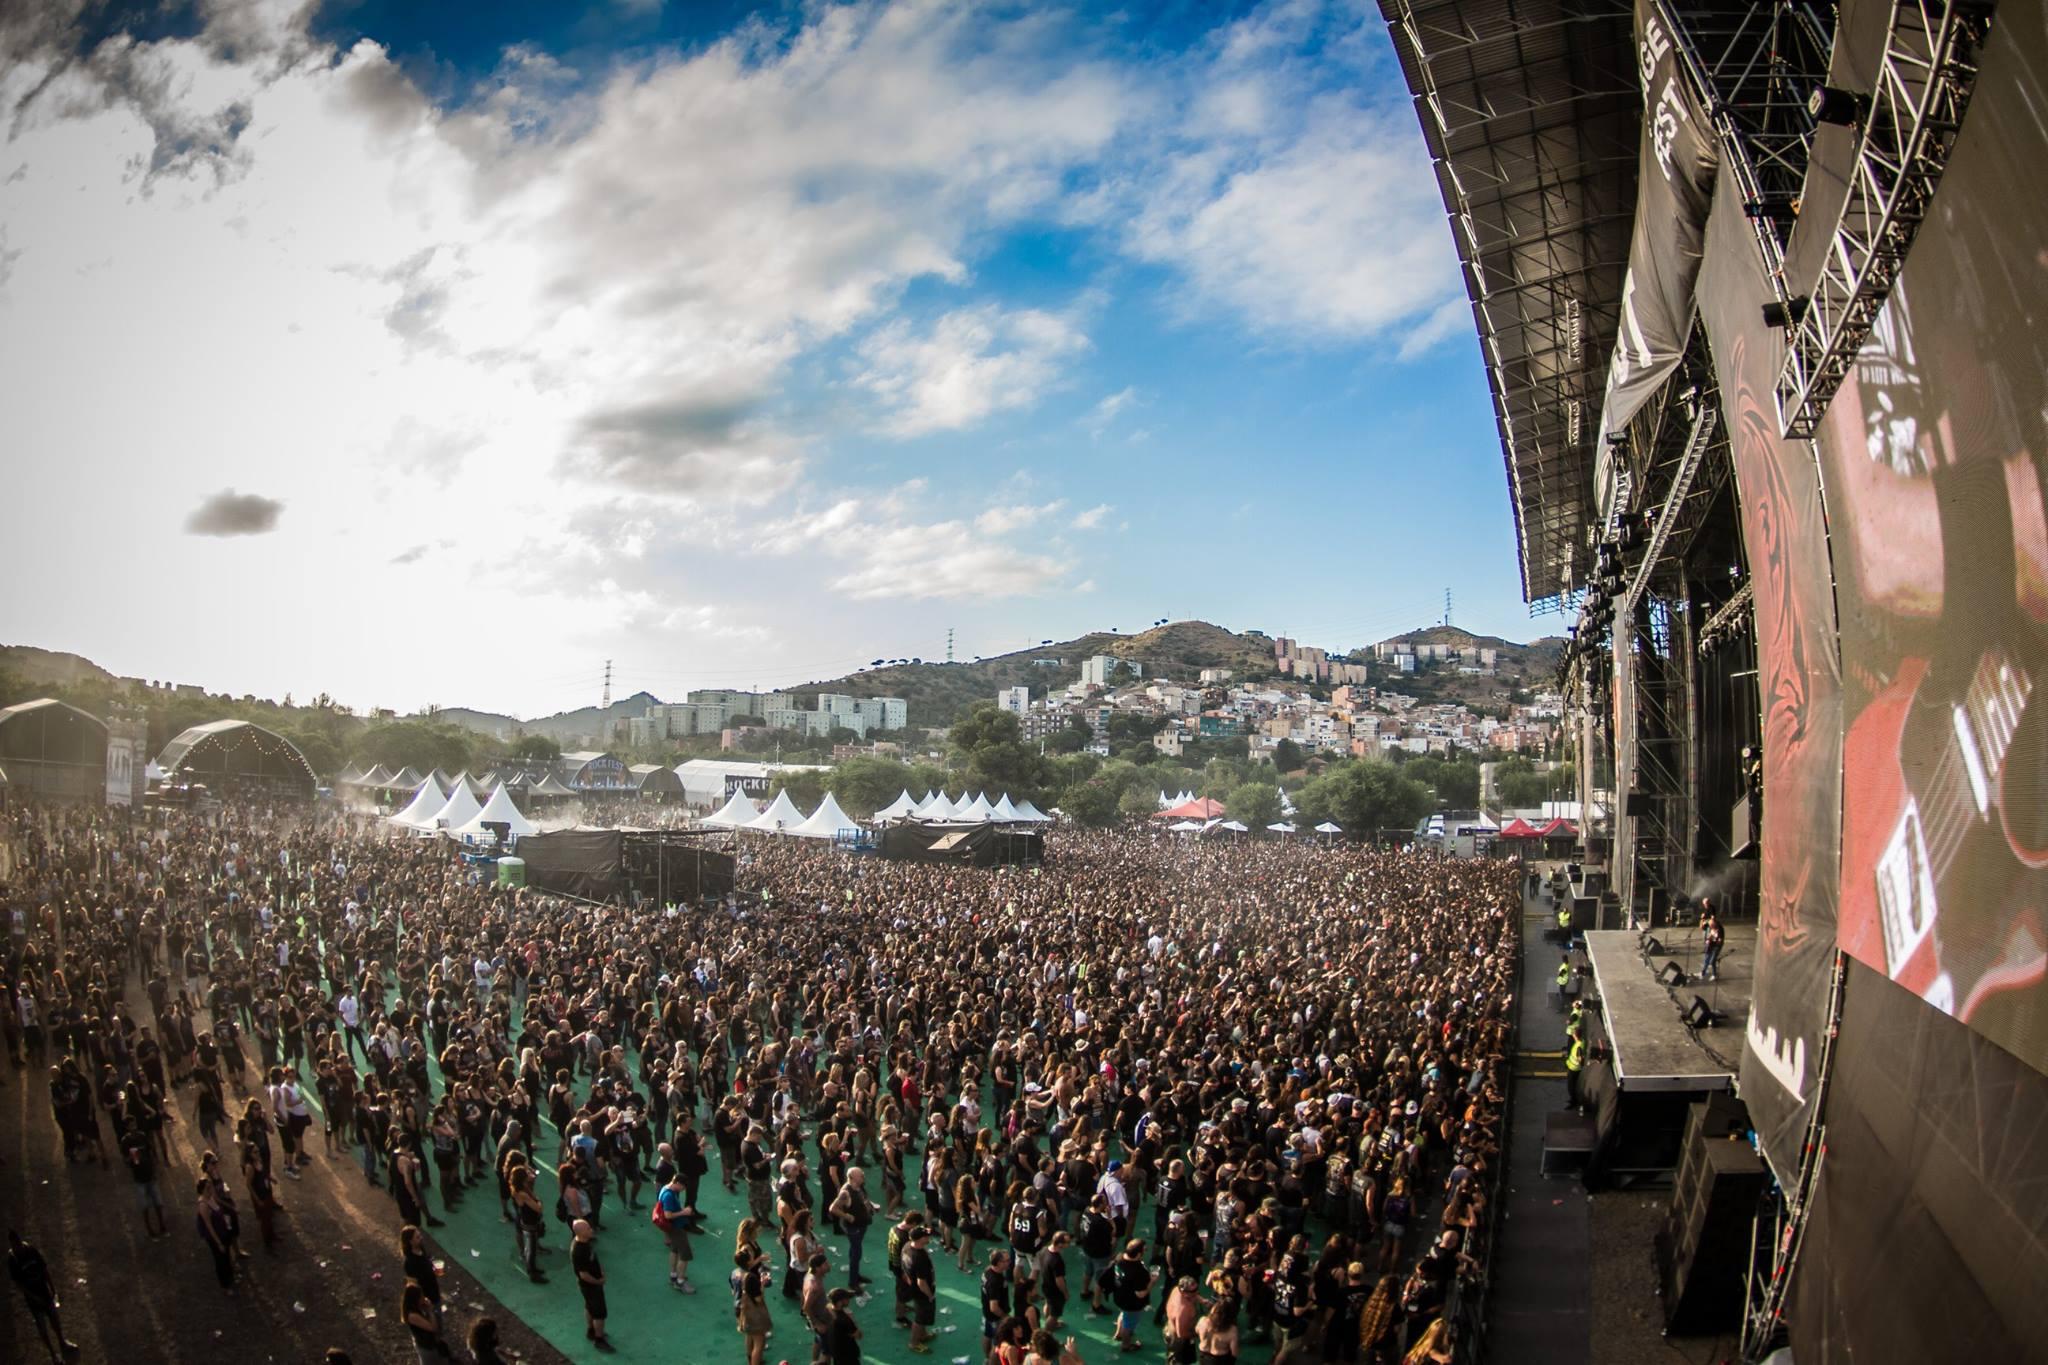 rock fest photo